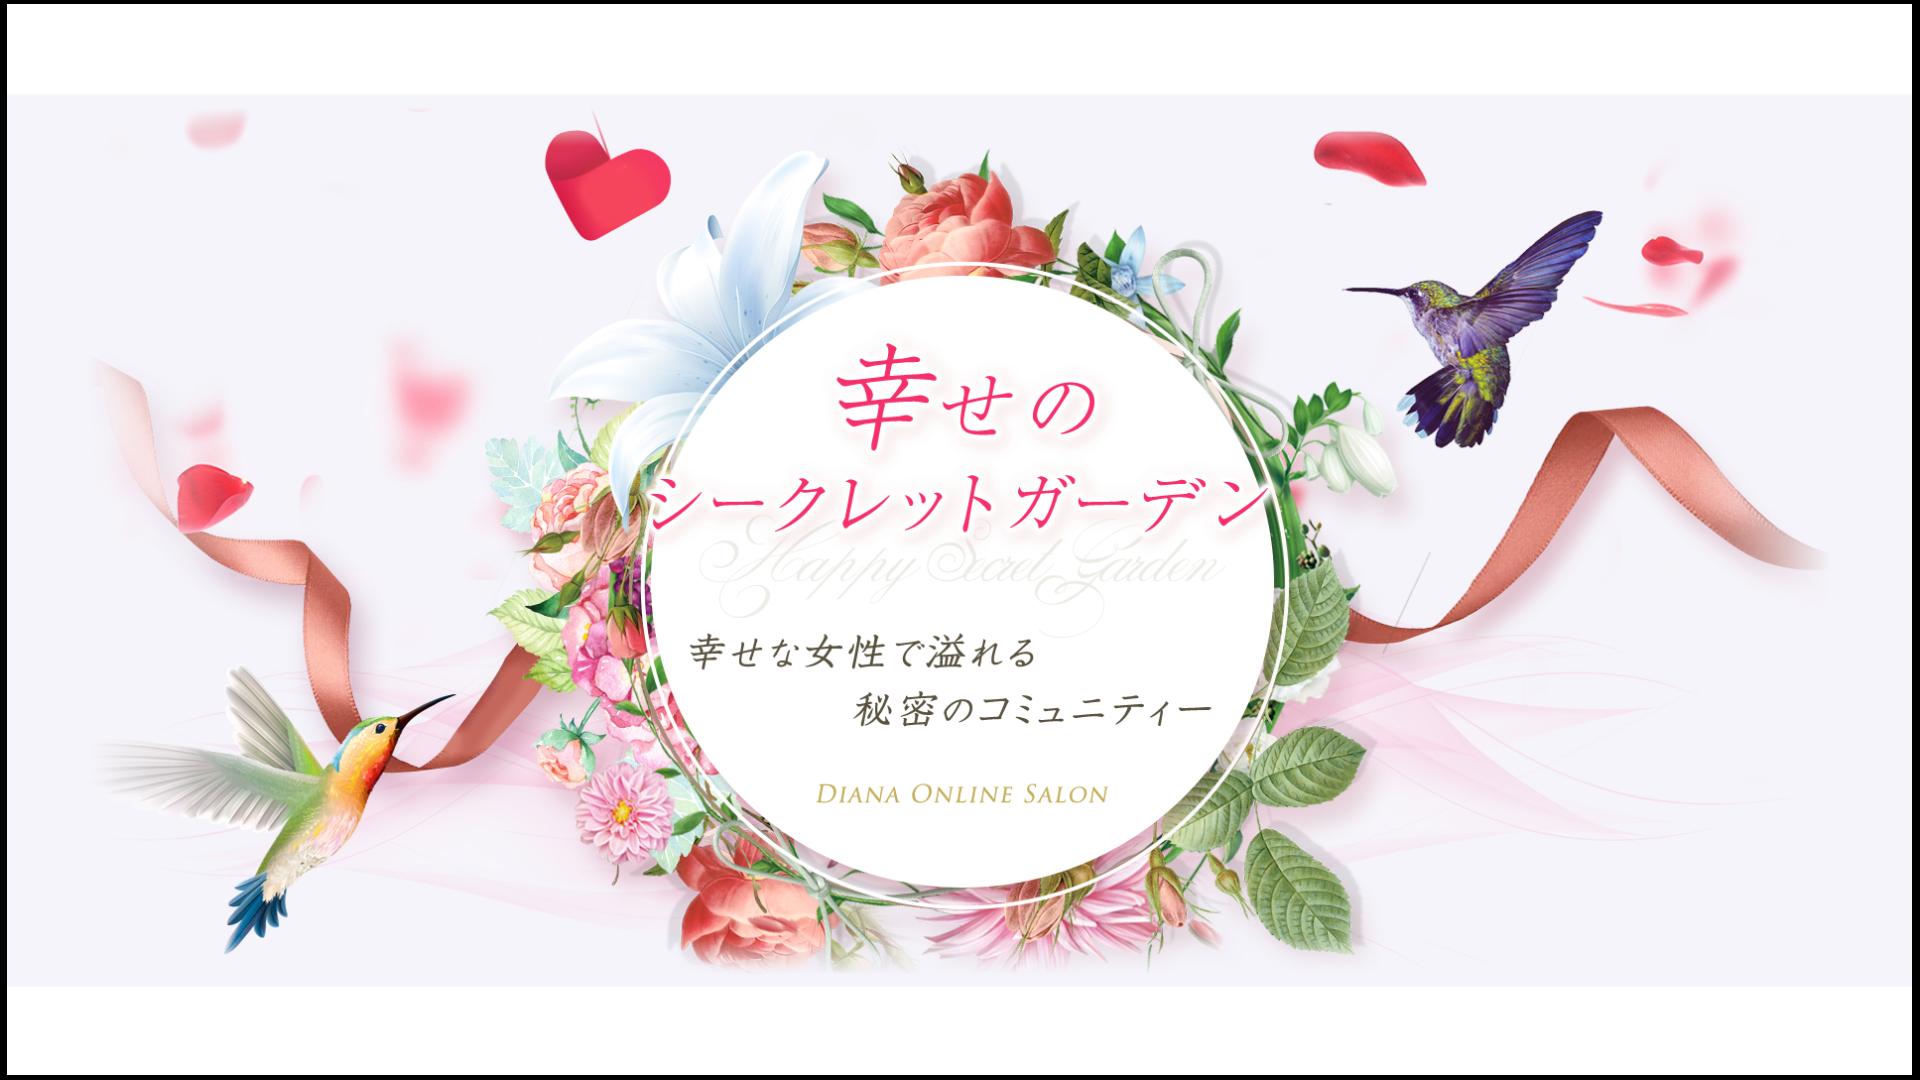 幸せのシークレットガーデン〜幸せな女性で溢れる秘密のコミュニティー〜